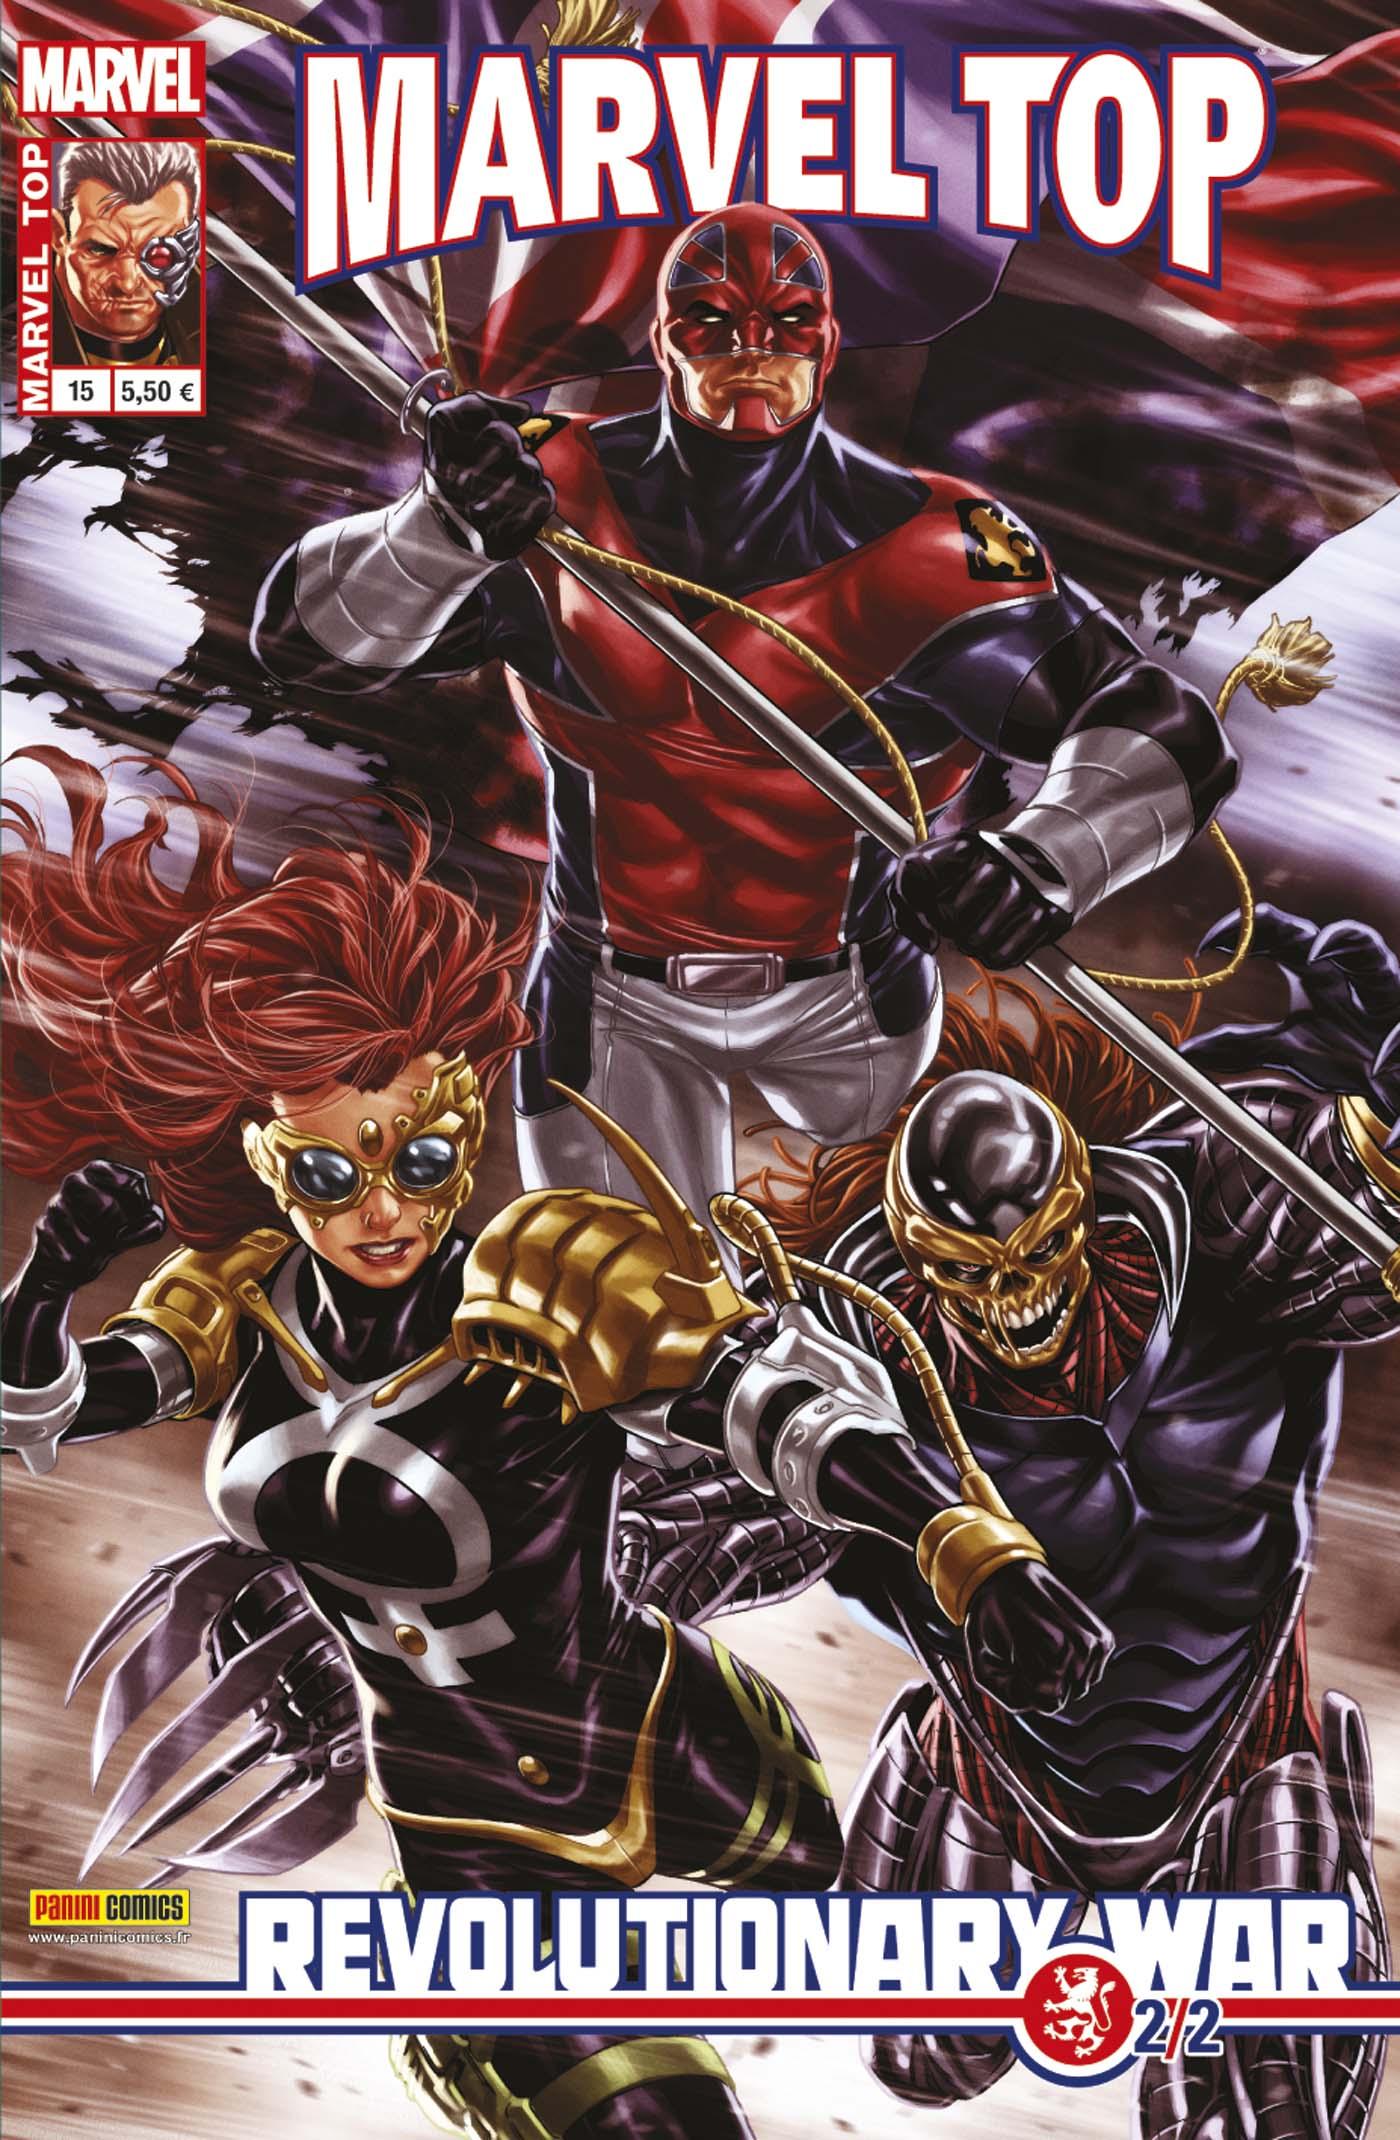 Marvel Top 15 - REVOLUTIONARY WAR 2 (sur 2)